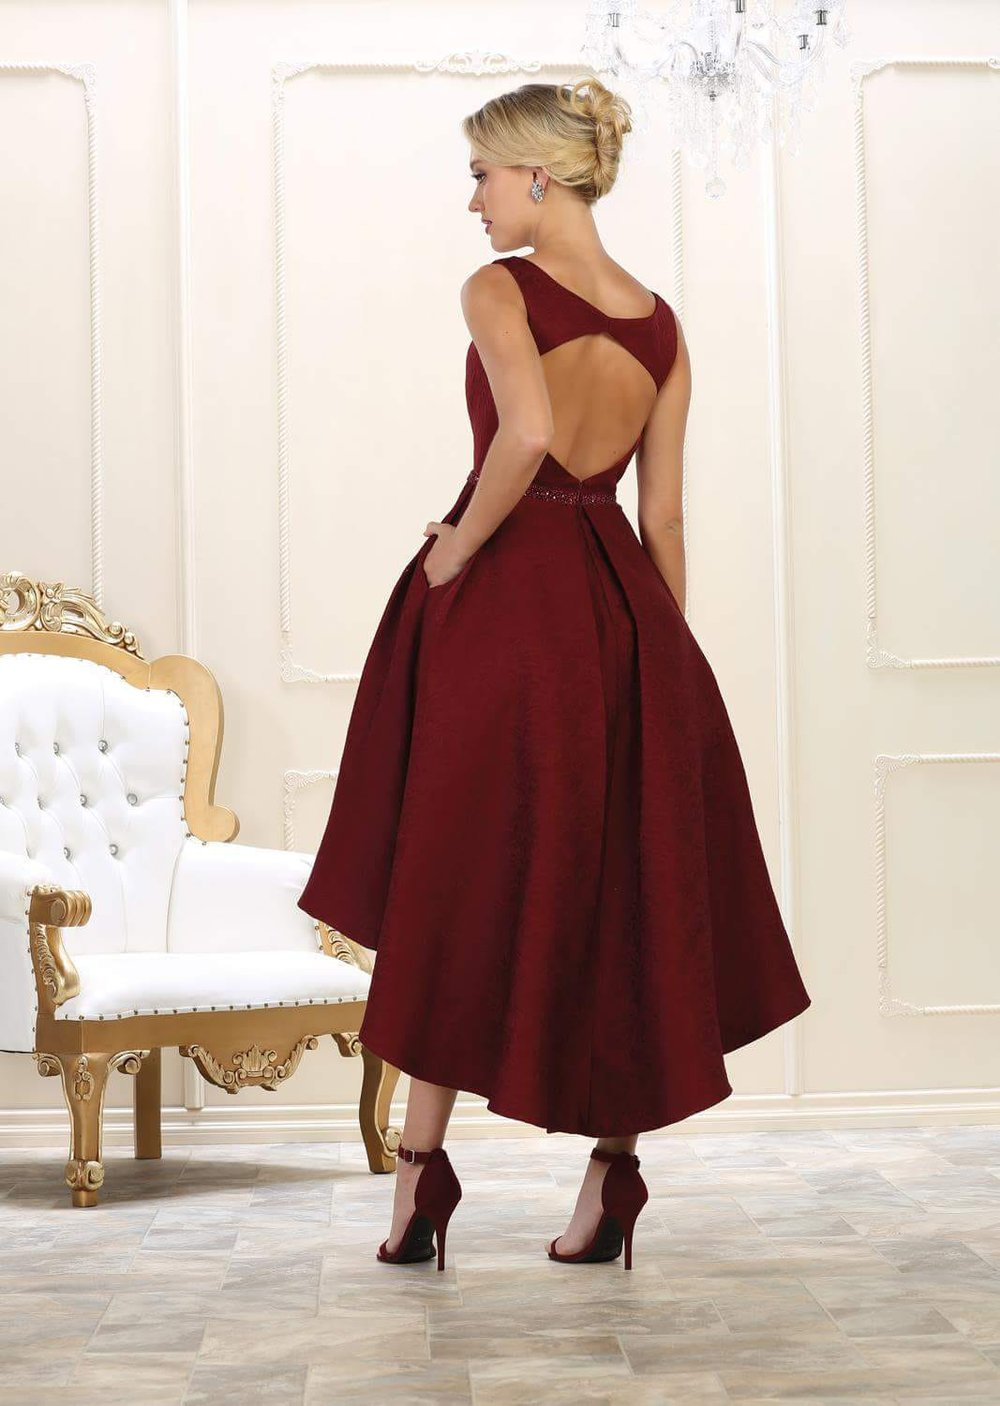 Dresses (32).jpeg